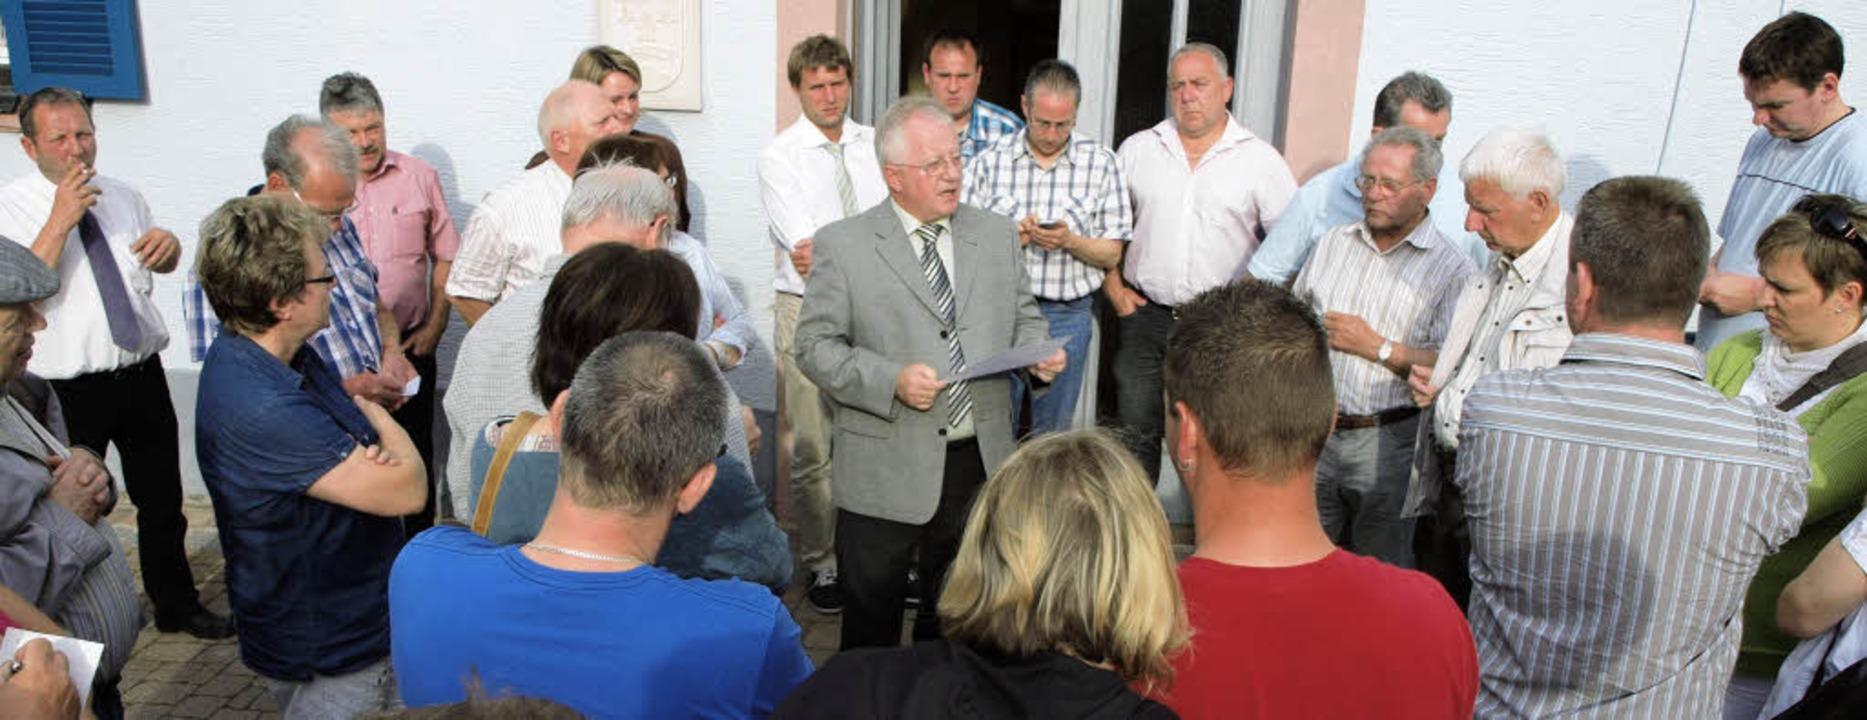 Bürgermeister Johann Gerber verkündet  das Ergebnis.  | Foto: Haberer